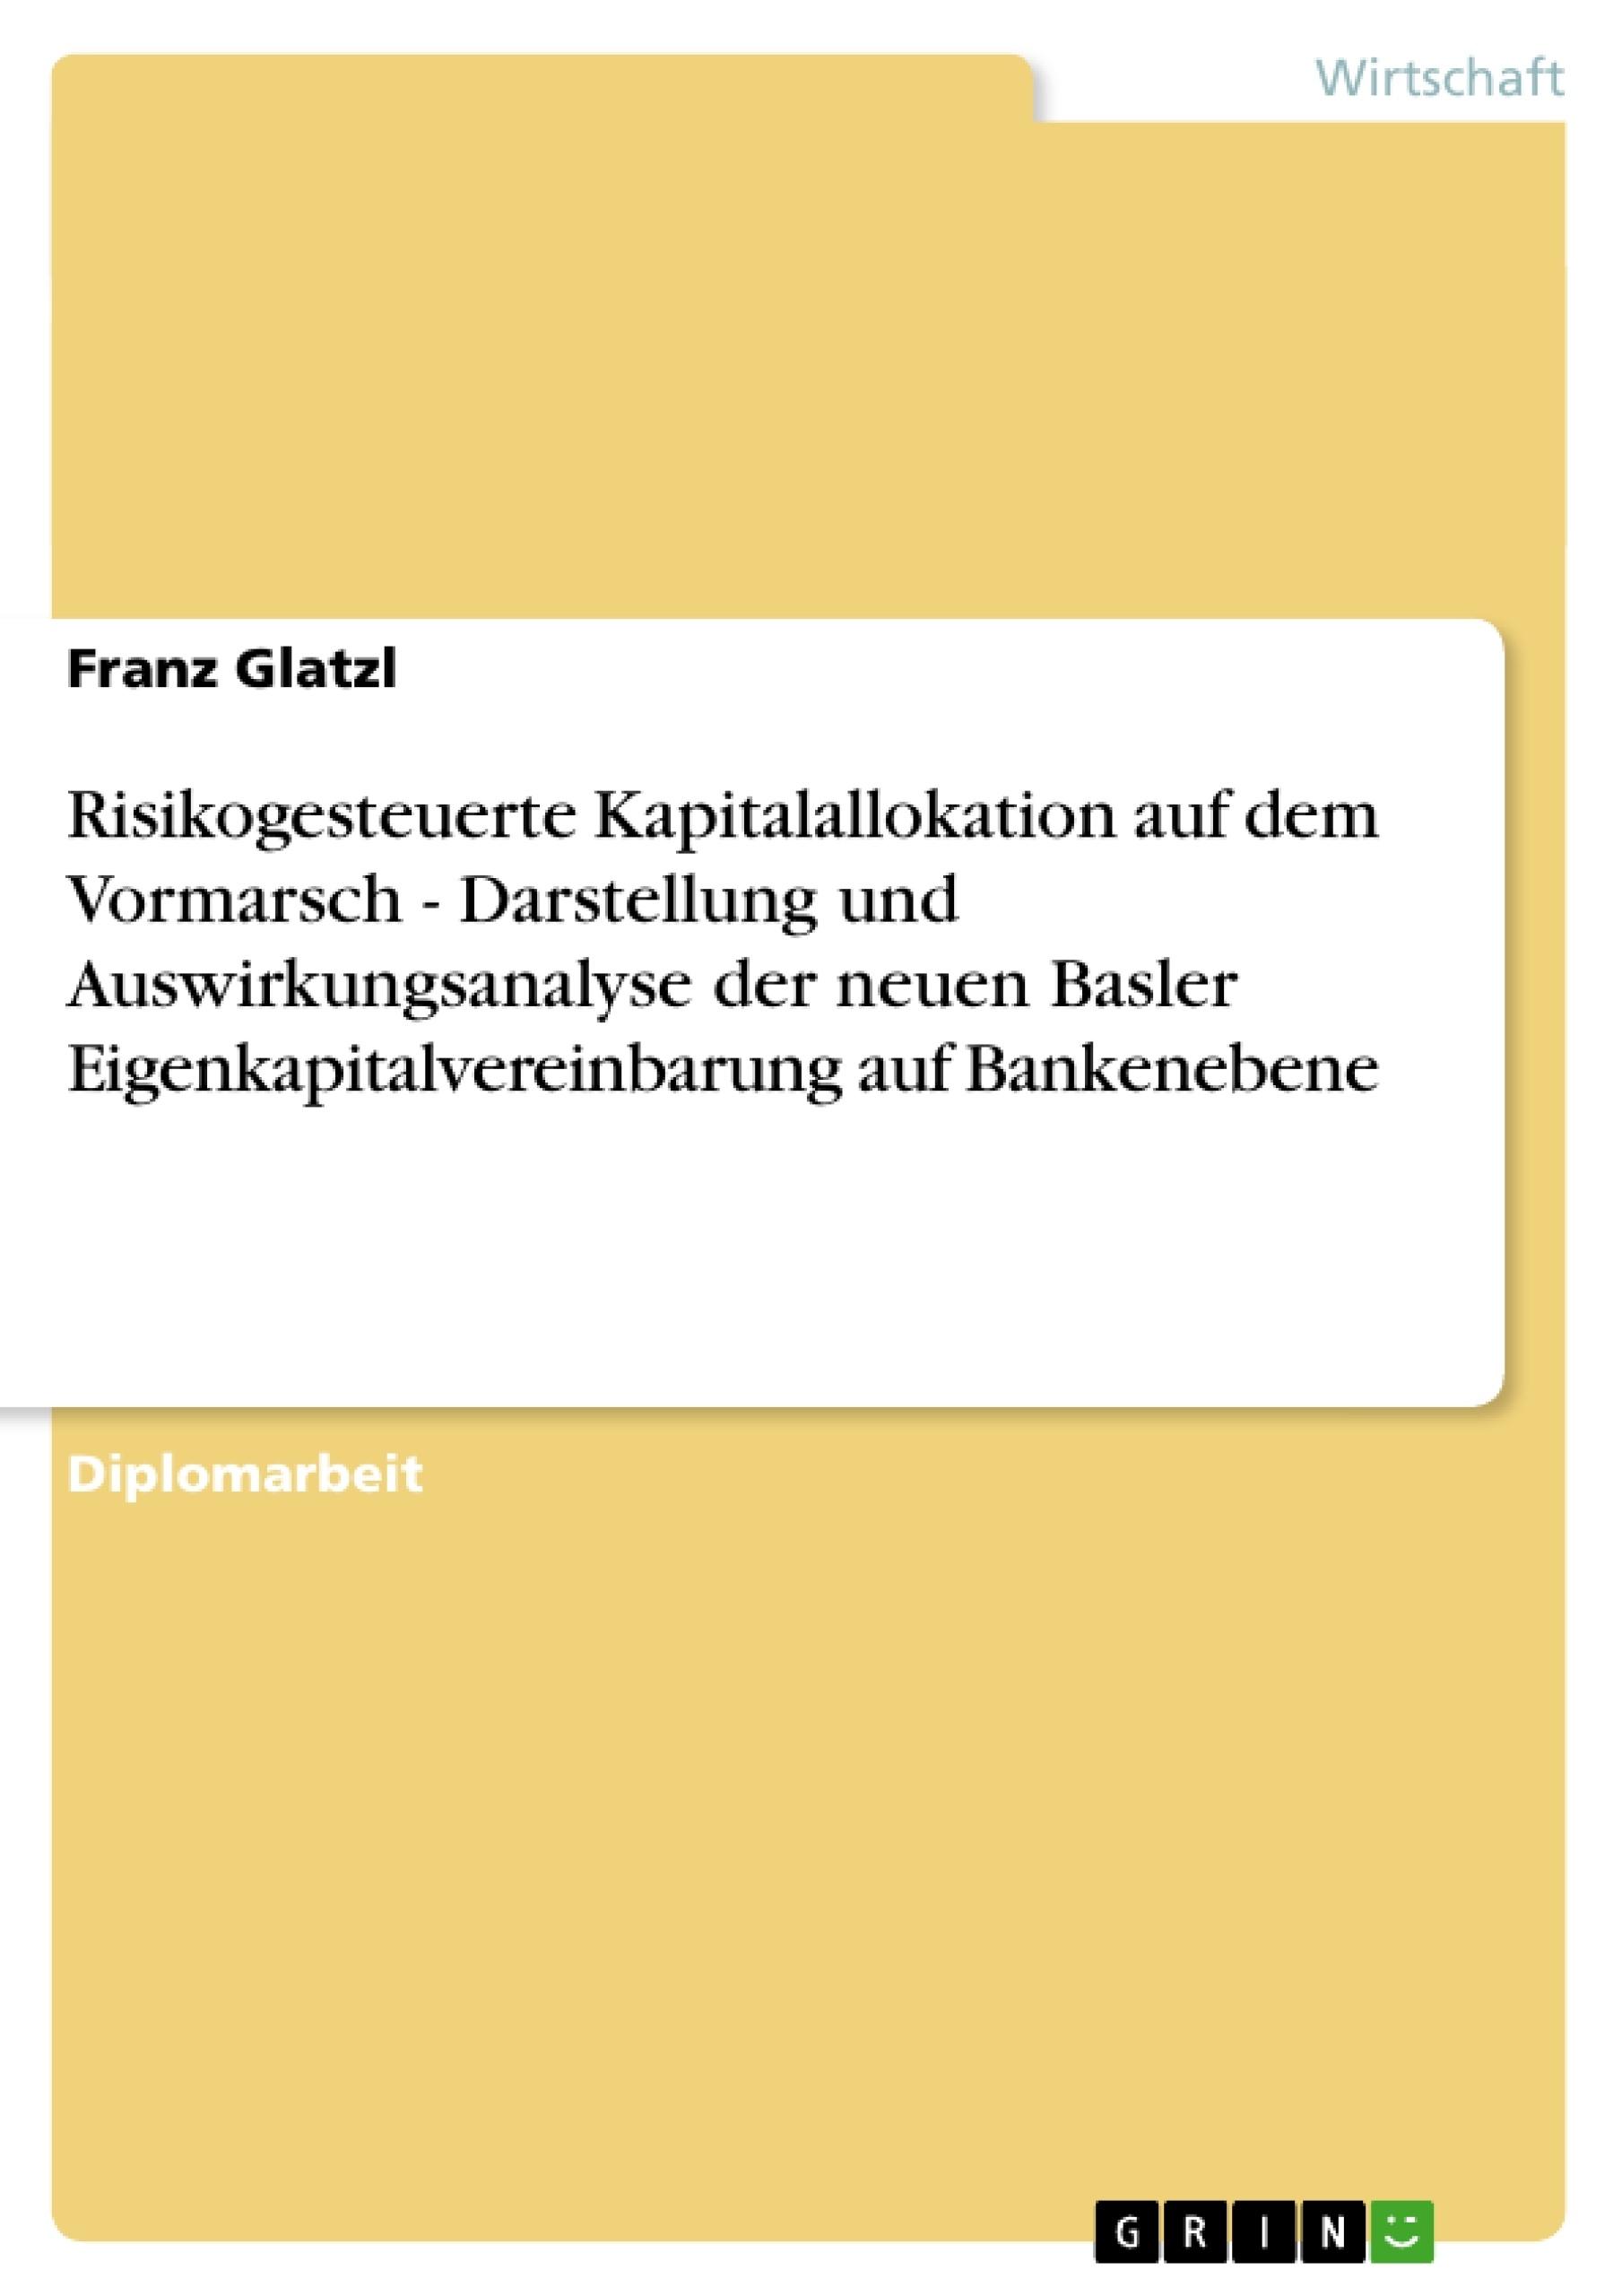 Titel: Risikogesteuerte Kapitalallokation auf dem Vormarsch - Darstellung und Auswirkungsanalyse der neuen Basler Eigenkapitalvereinbarung auf Bankenebene